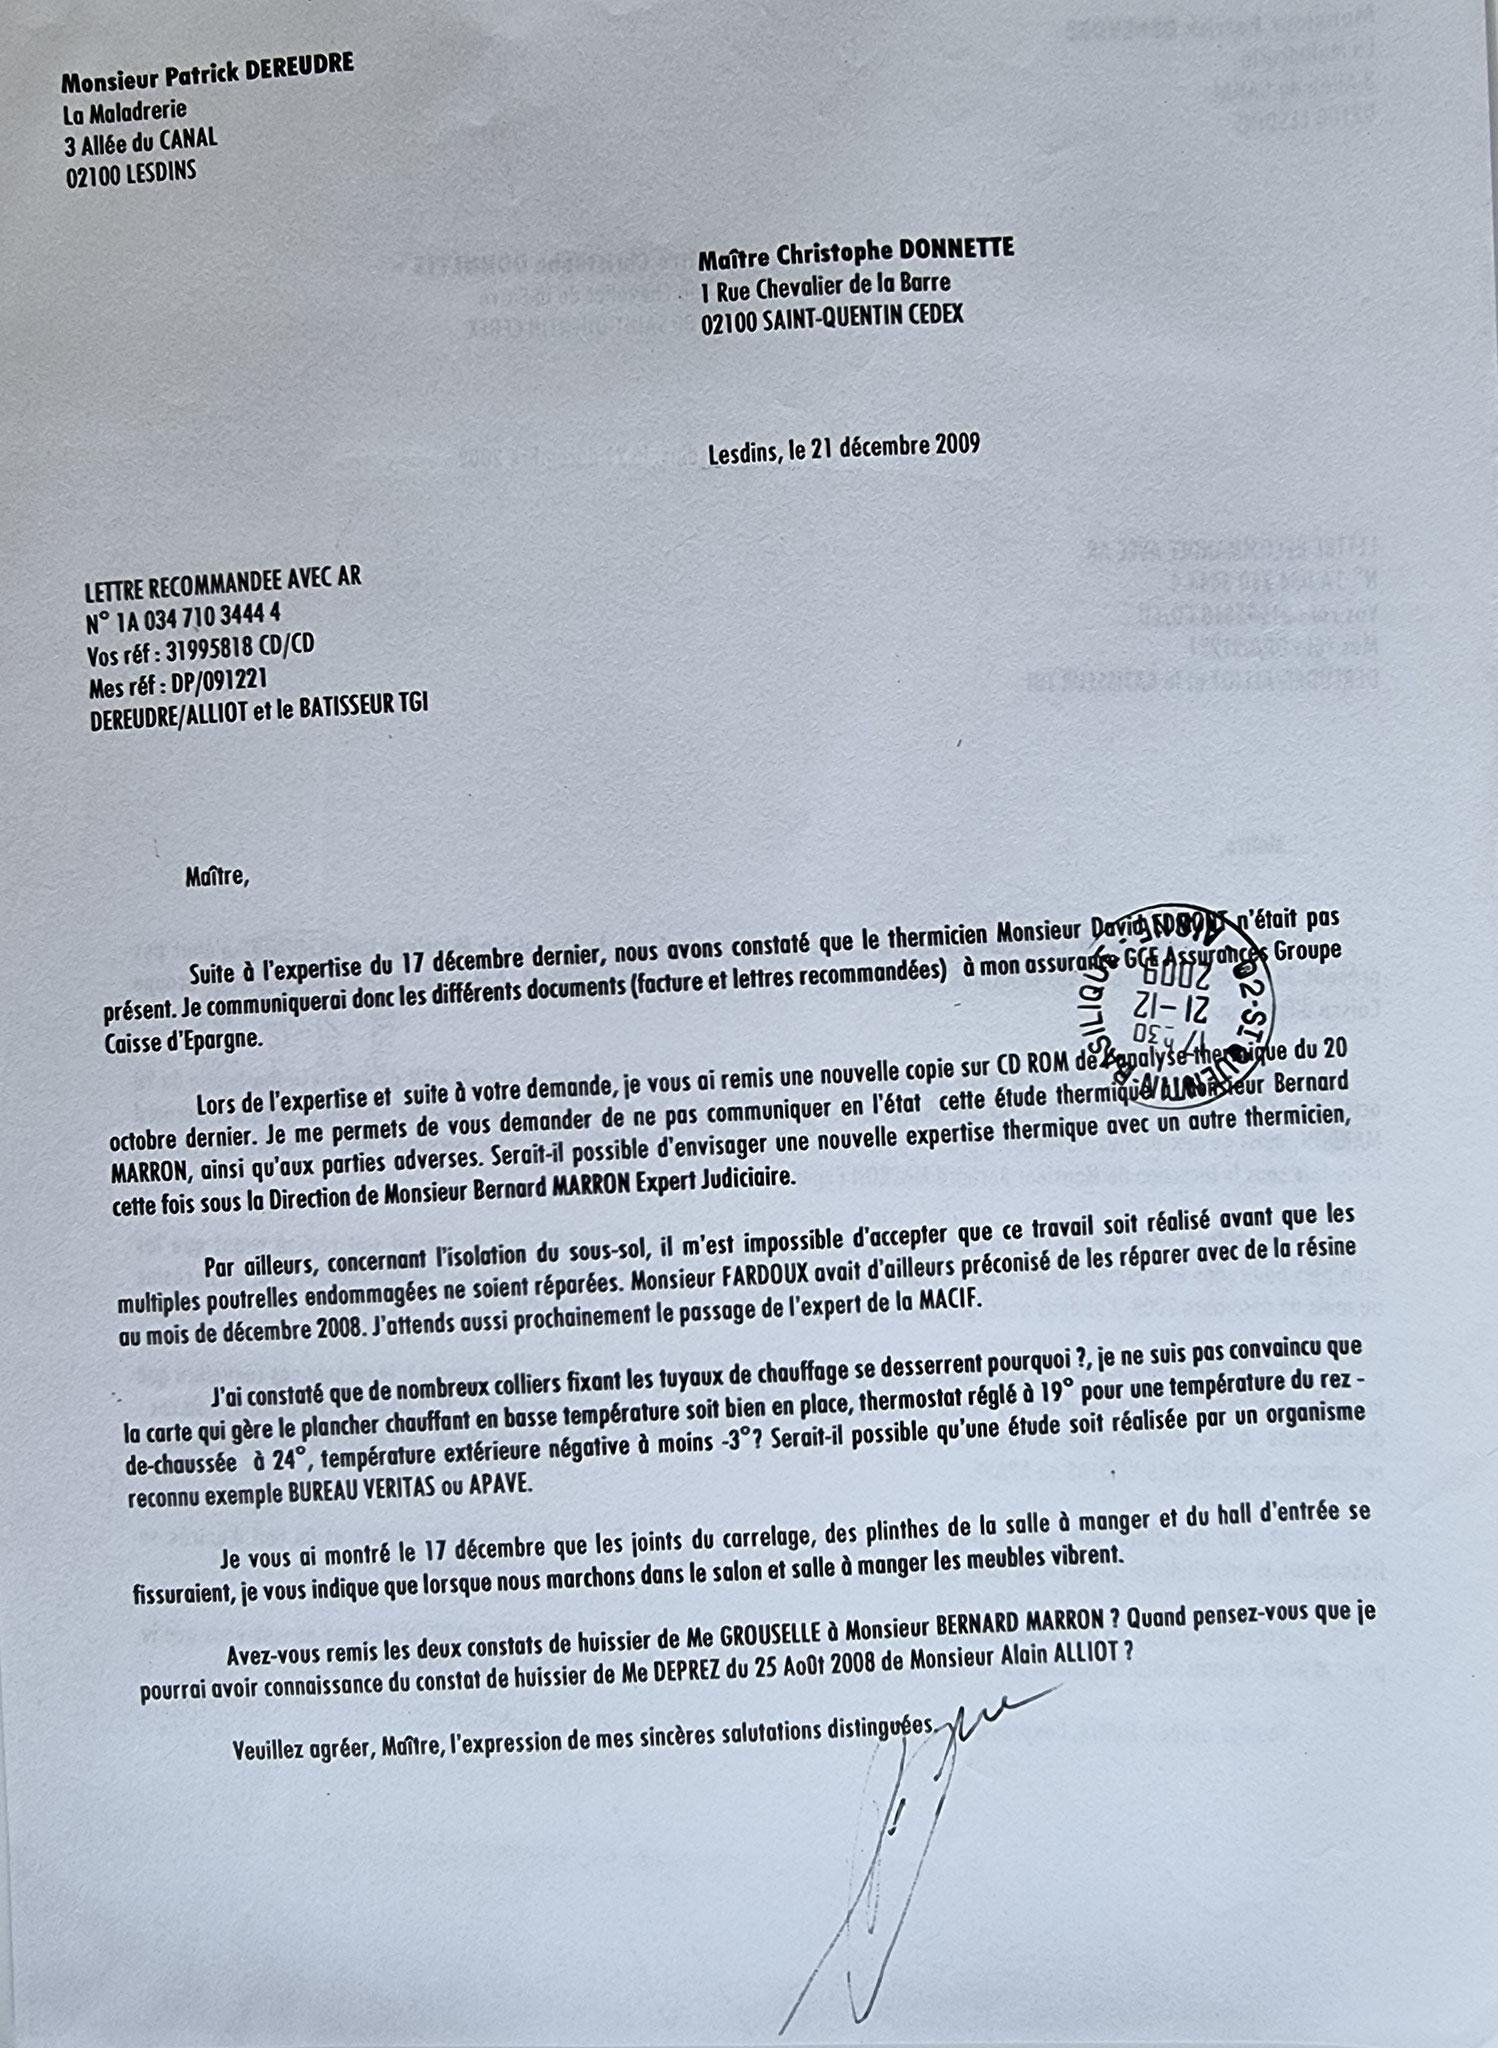 Le 21 décembre 2009 j'adresse une LRAR à Maître Christopne DONNETTE mon Avocat Mandaté par la MACIF.     INACCEPTABLE  BORDERLINE       EXPERTISES JUDICIAIRES ENTRE COPAINS... www.jesuispatrick.fr www.jesuisvictime.fr